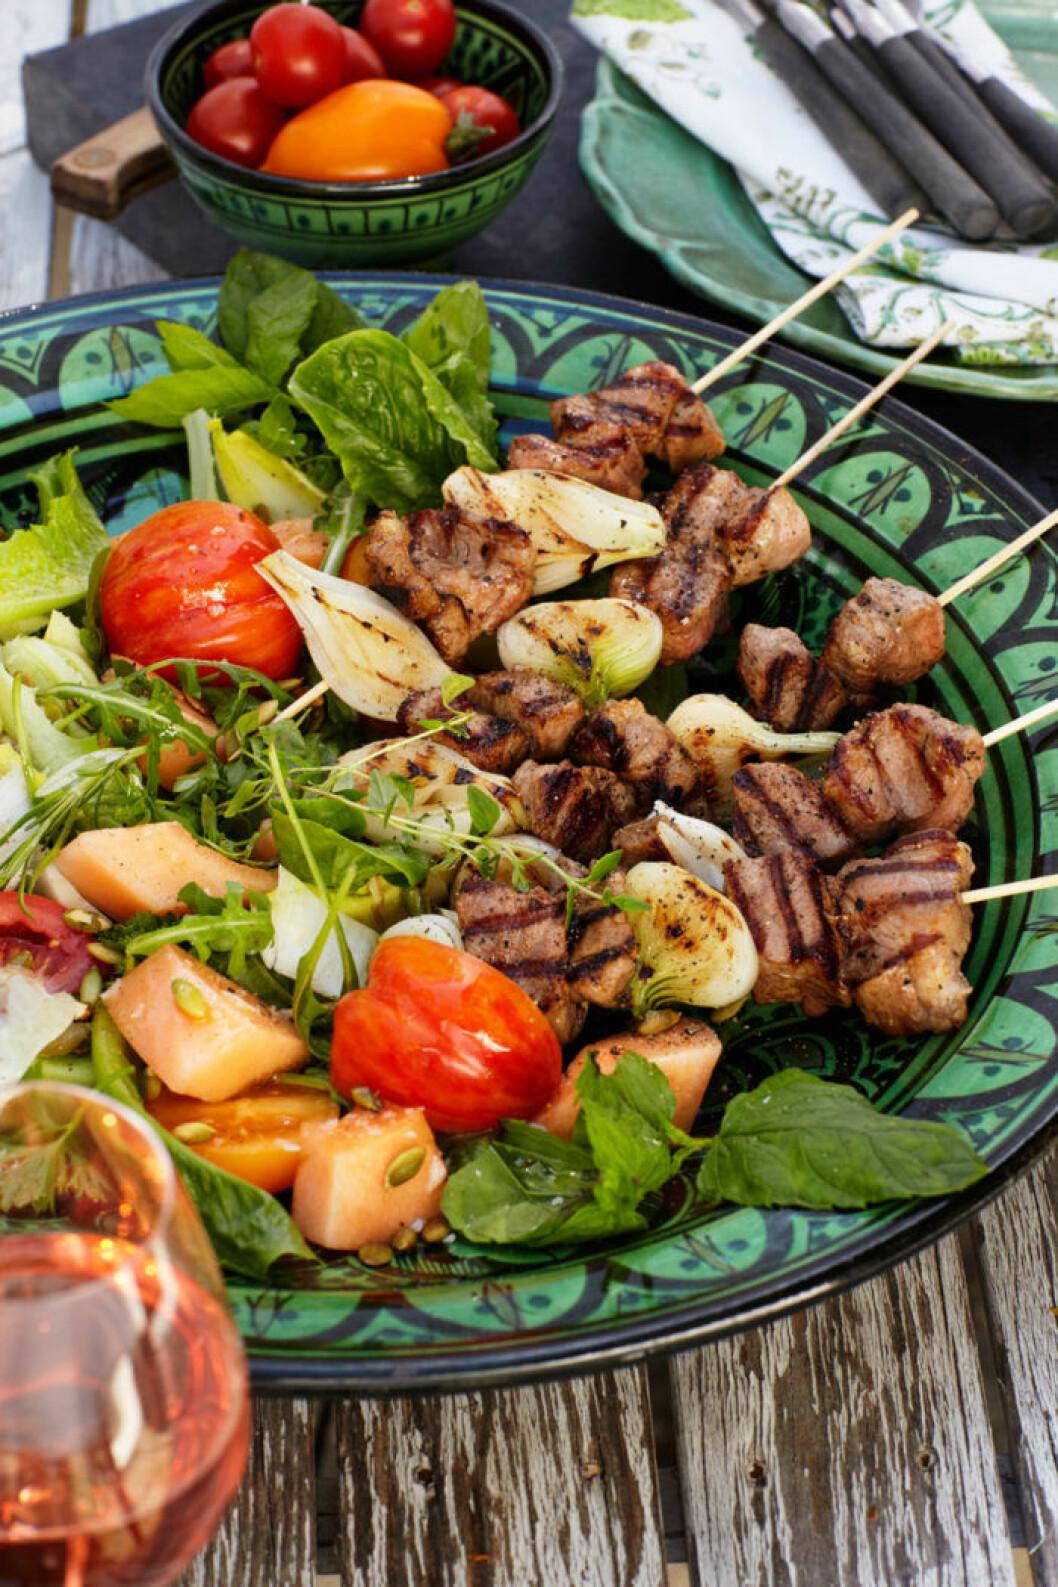 Grillspett ser många gånger mycket aptitligare ut än en stor bit kött. Vanliga träspett brukar fungera bra, det gäller bara att komma ihåg att blötlägga dem i förväg.